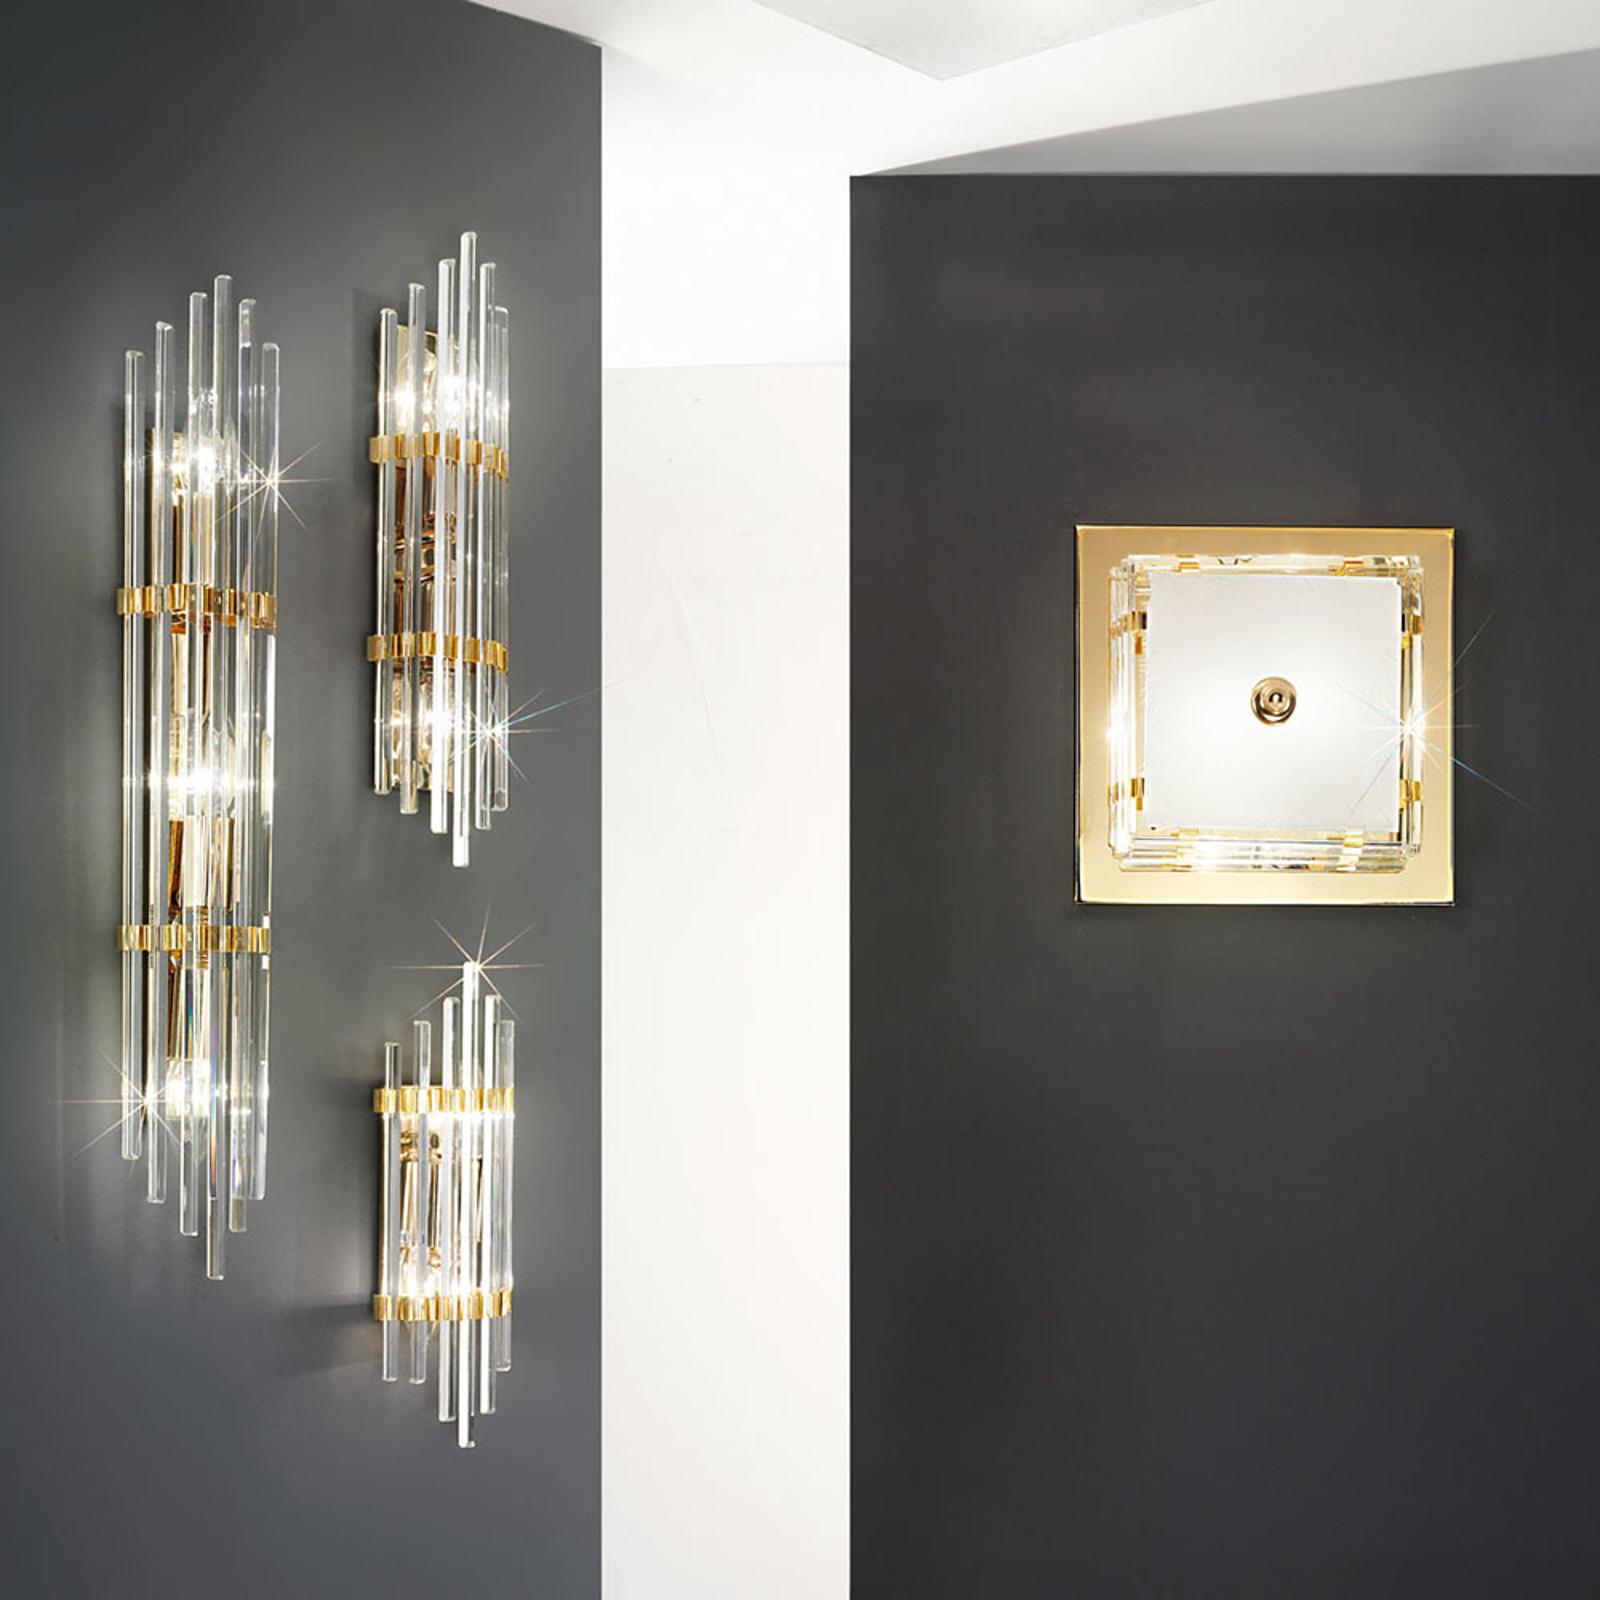 Wandlamp Ontario, hoogte 60 cm, goud